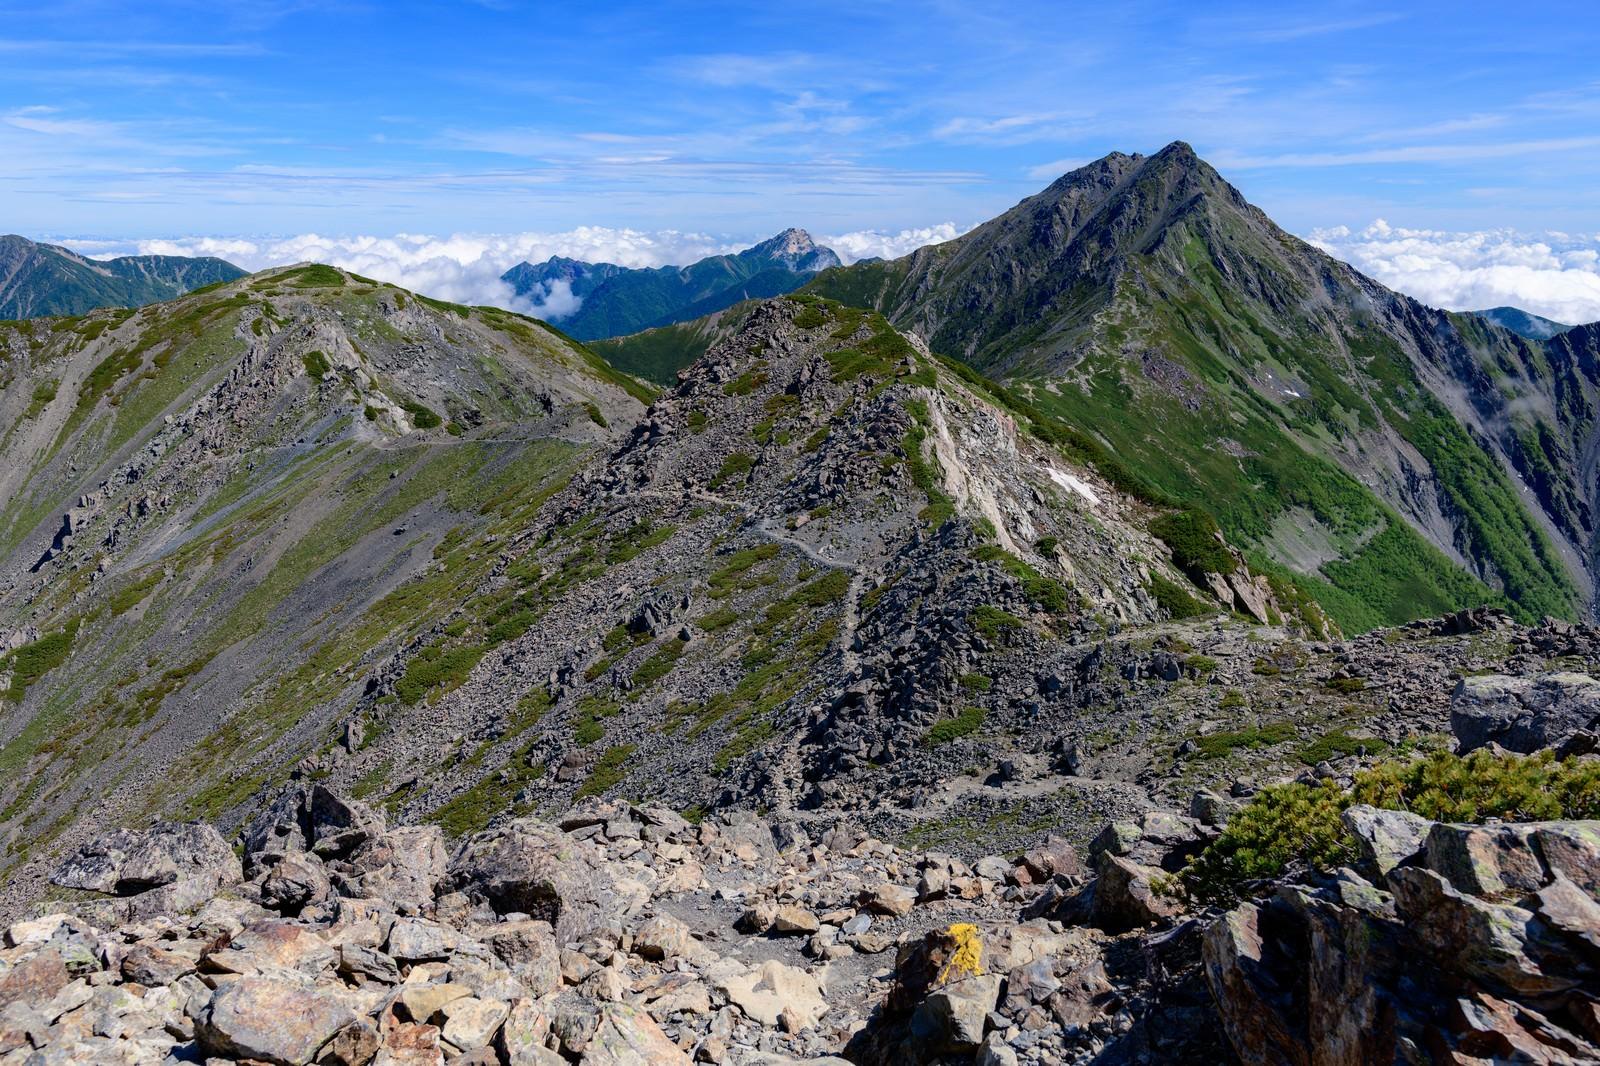 「南アルプスの壮大な稜線」の写真